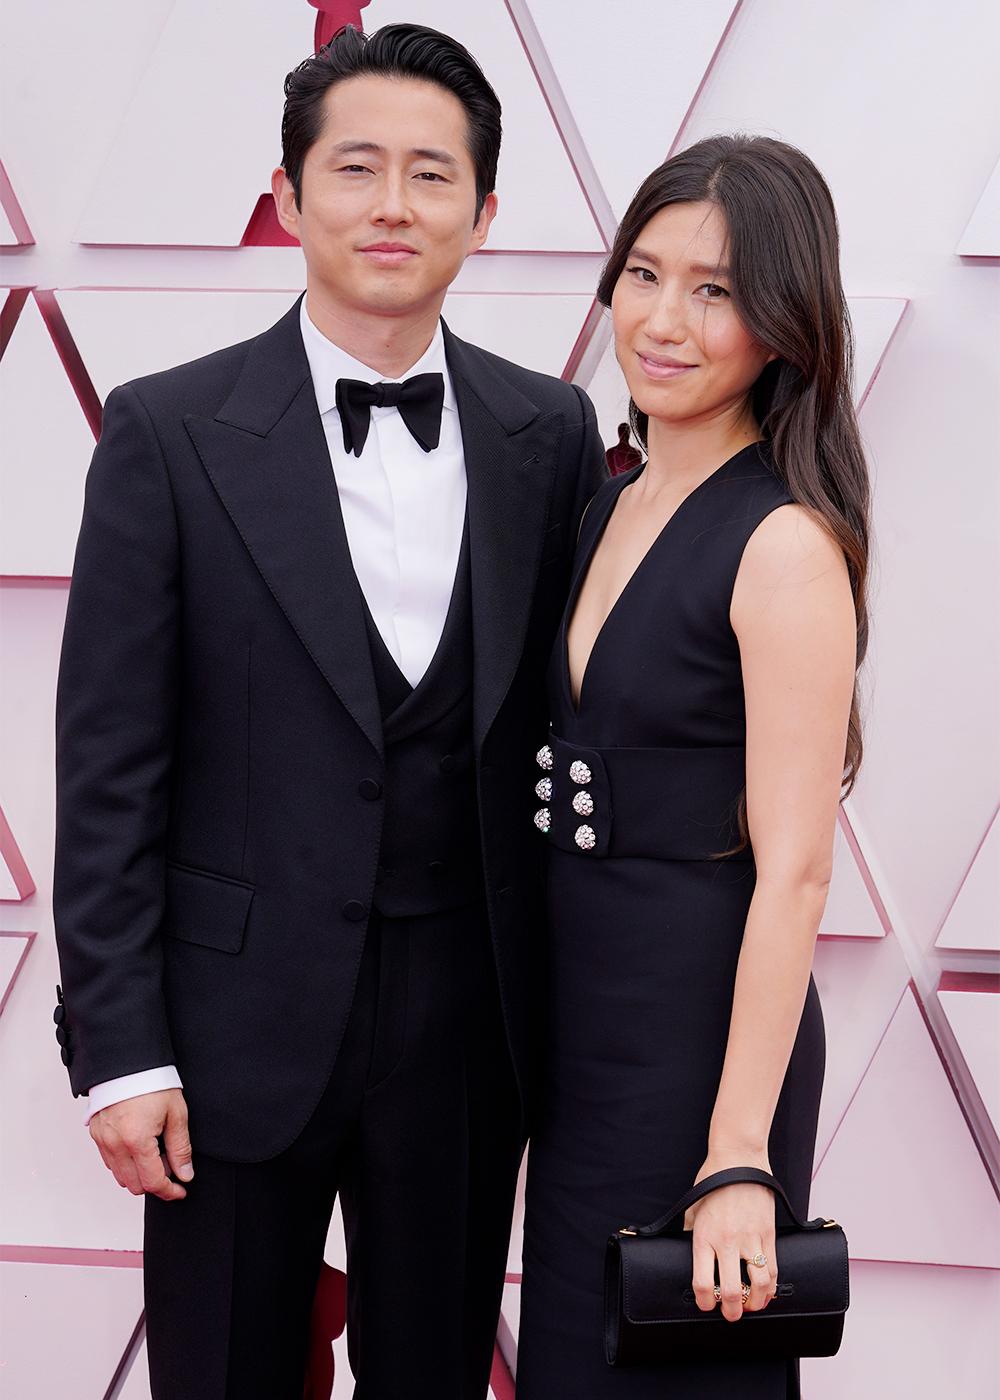 Steven Yeun diện bô suit lịch lãm, sóng đôi cùng Joana Pak trên thảm đỏ lễ trao giải Oscar. Với màn thể hiện ấn tượng trong Minari, Steven Yeun là ứng cử viên sáng giá ở hạng mực Nam diễn viên chính xuất sắc nhất.